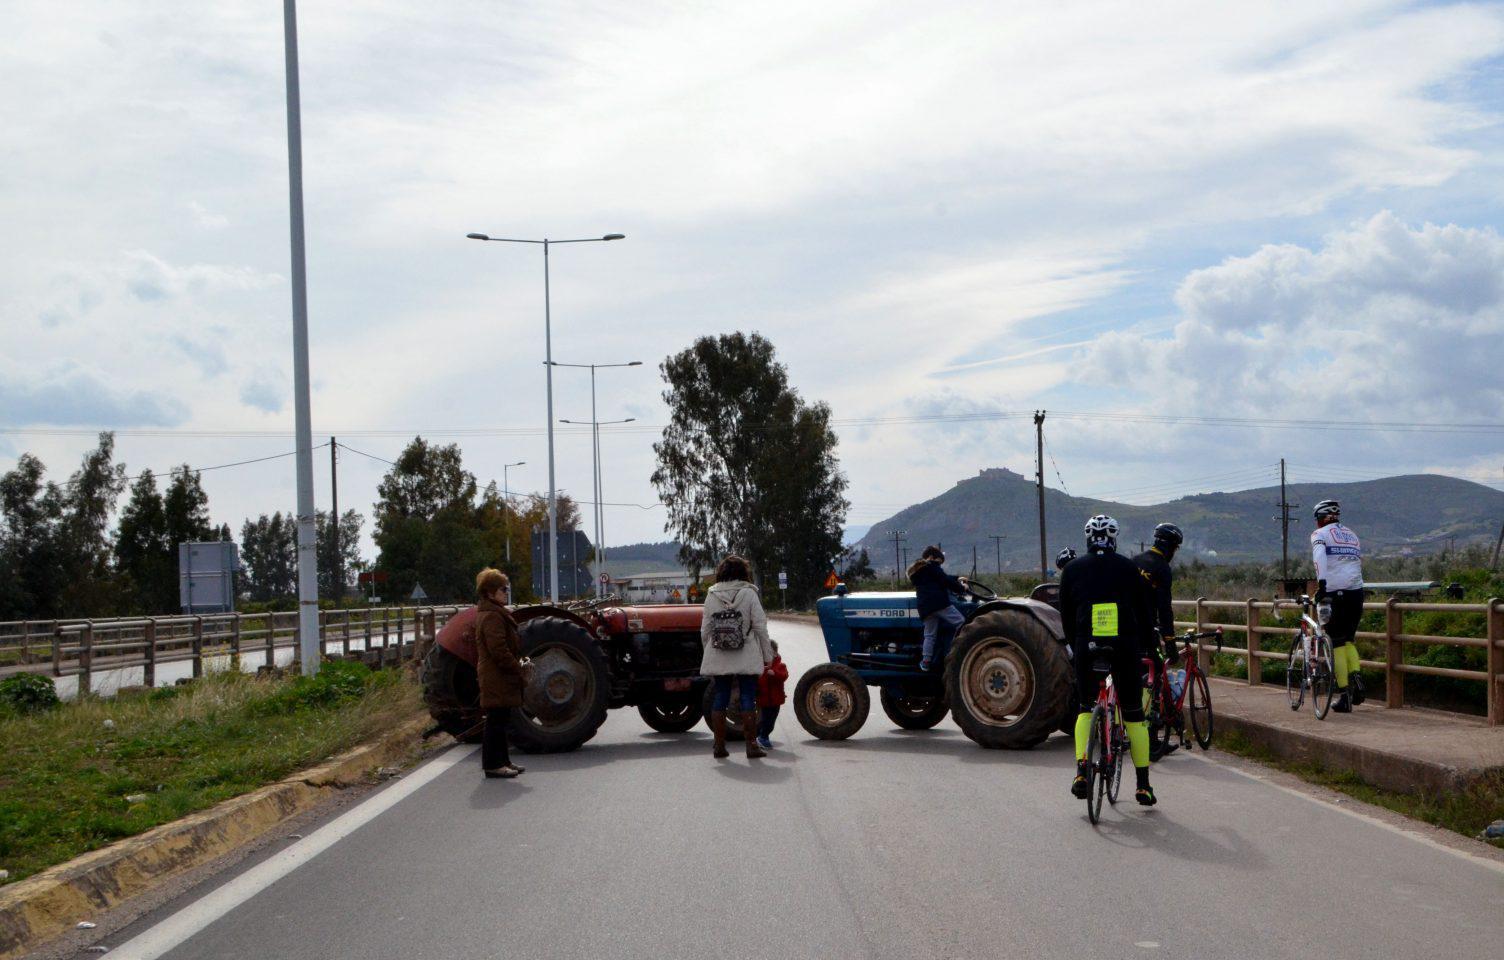 4039122 Με κόρνες και κροτίδες στο υπουργείο Μακεδονίας-Θράκης οι αγρότες [εικόνες & βίντεο]